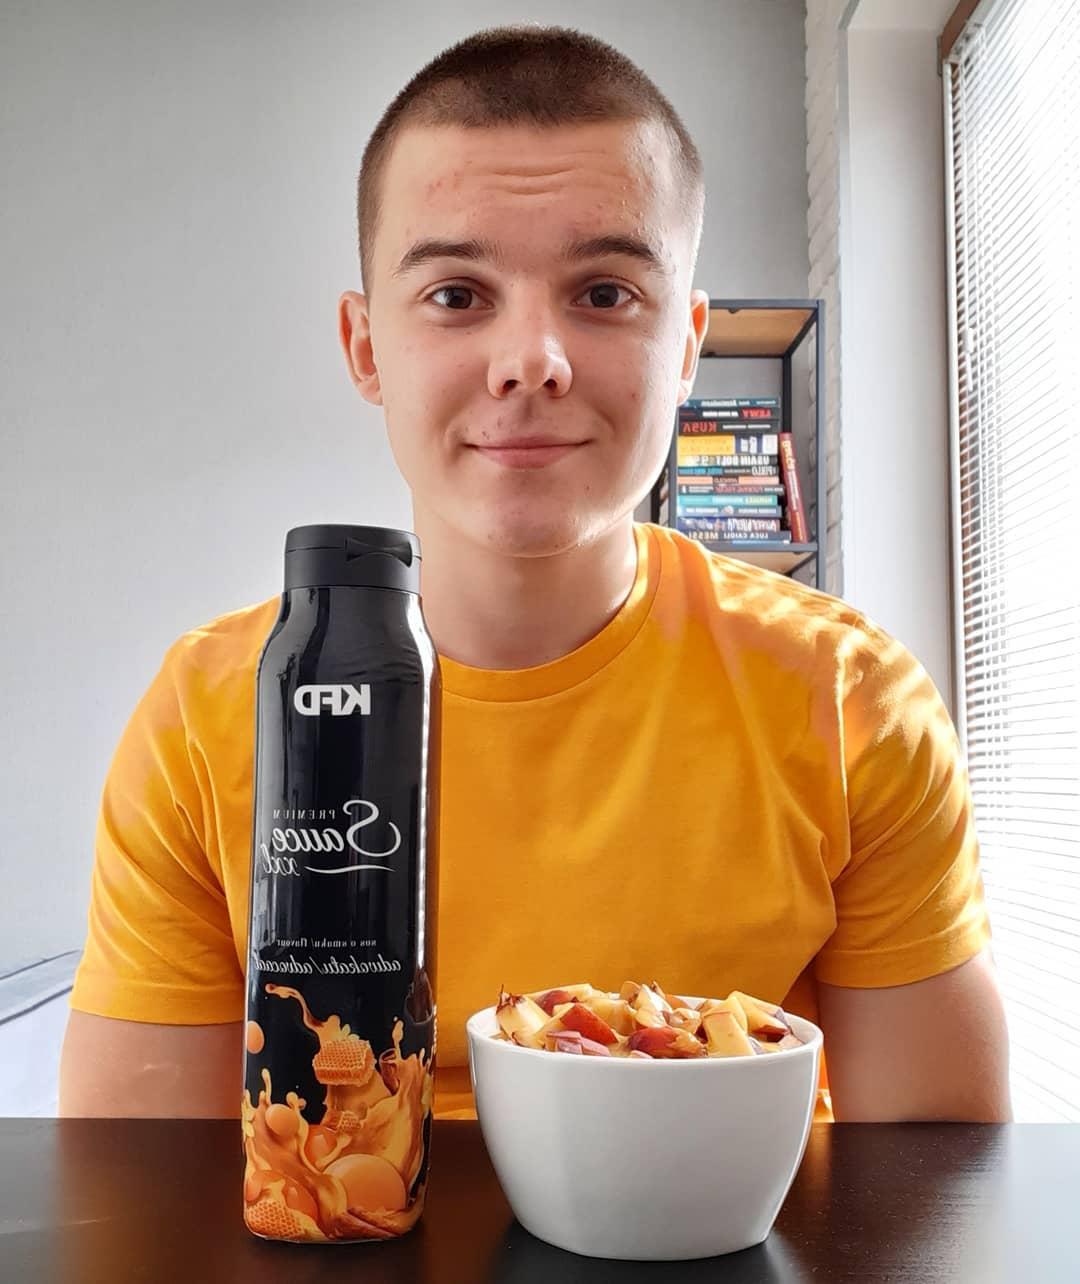 KFD Nutrition Sauce Advocaat – najlepszy słodki sos?